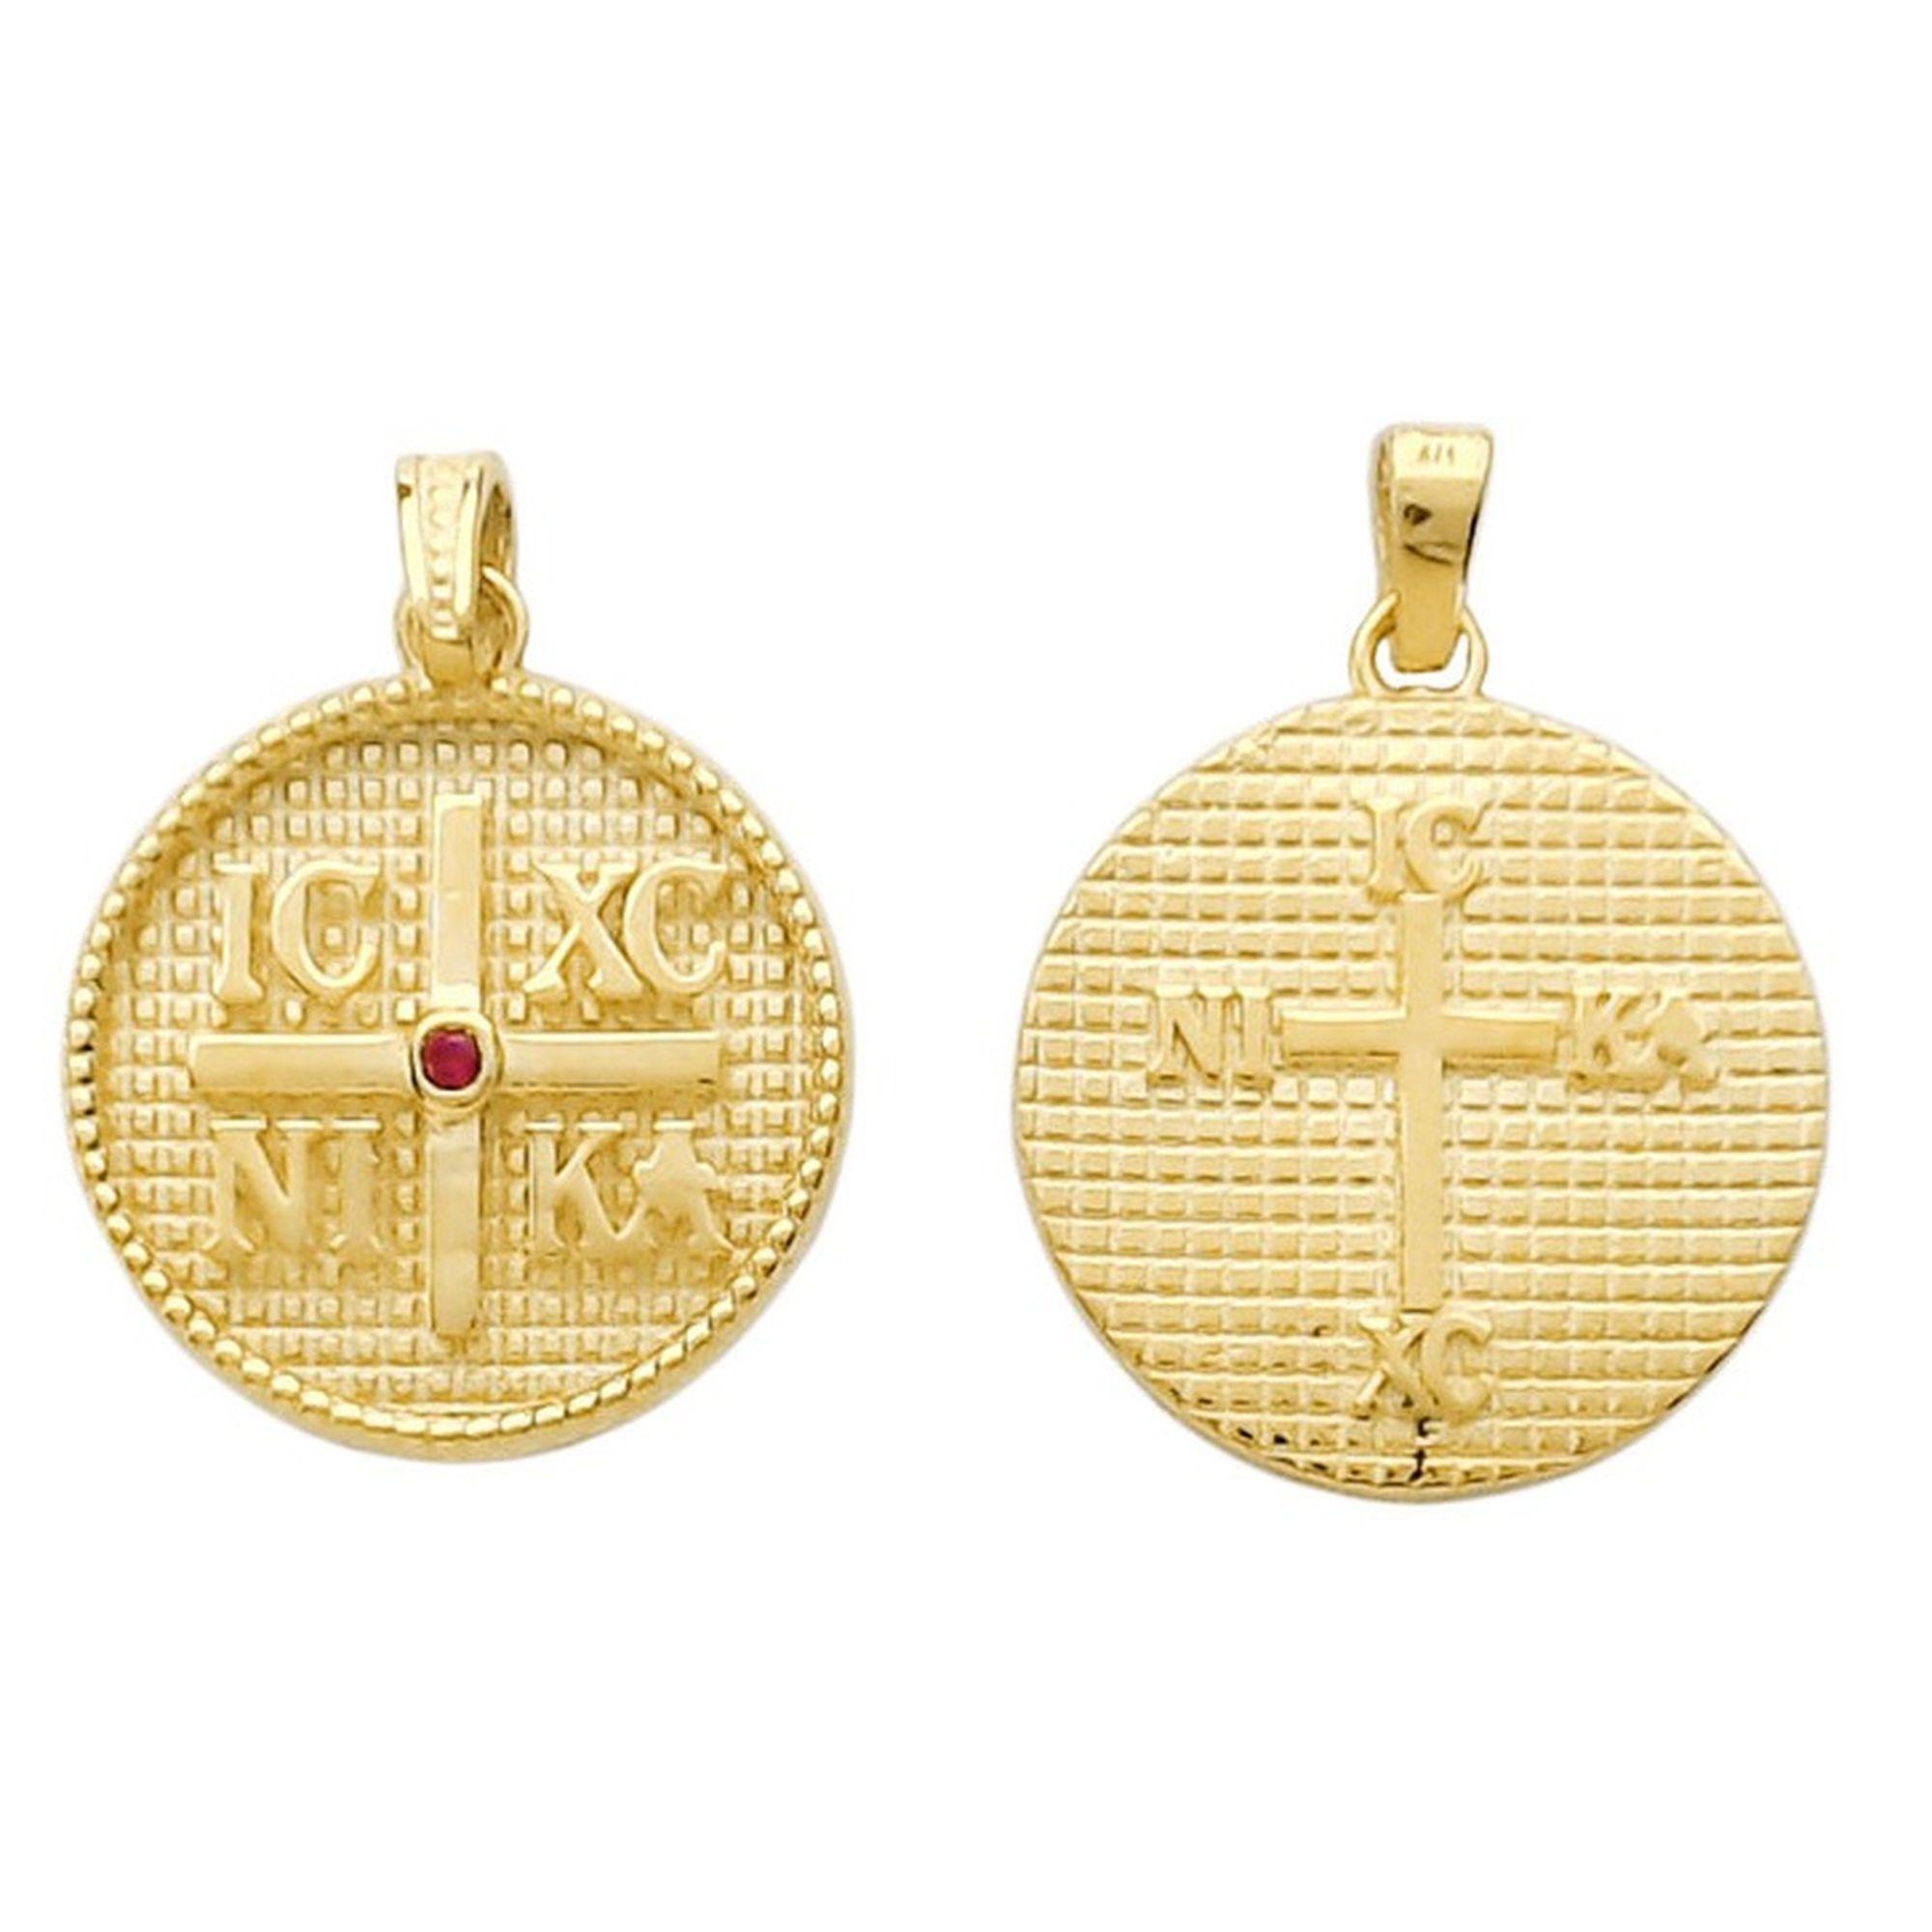 Παιδική Χρυσή Παραμάνα, Παναγία, Φυλαχτό για Νεογέννητα, Δώρο για Βάπτιση,, Χρυσό Φυλαχτό με Κόκκινη Πέτρα